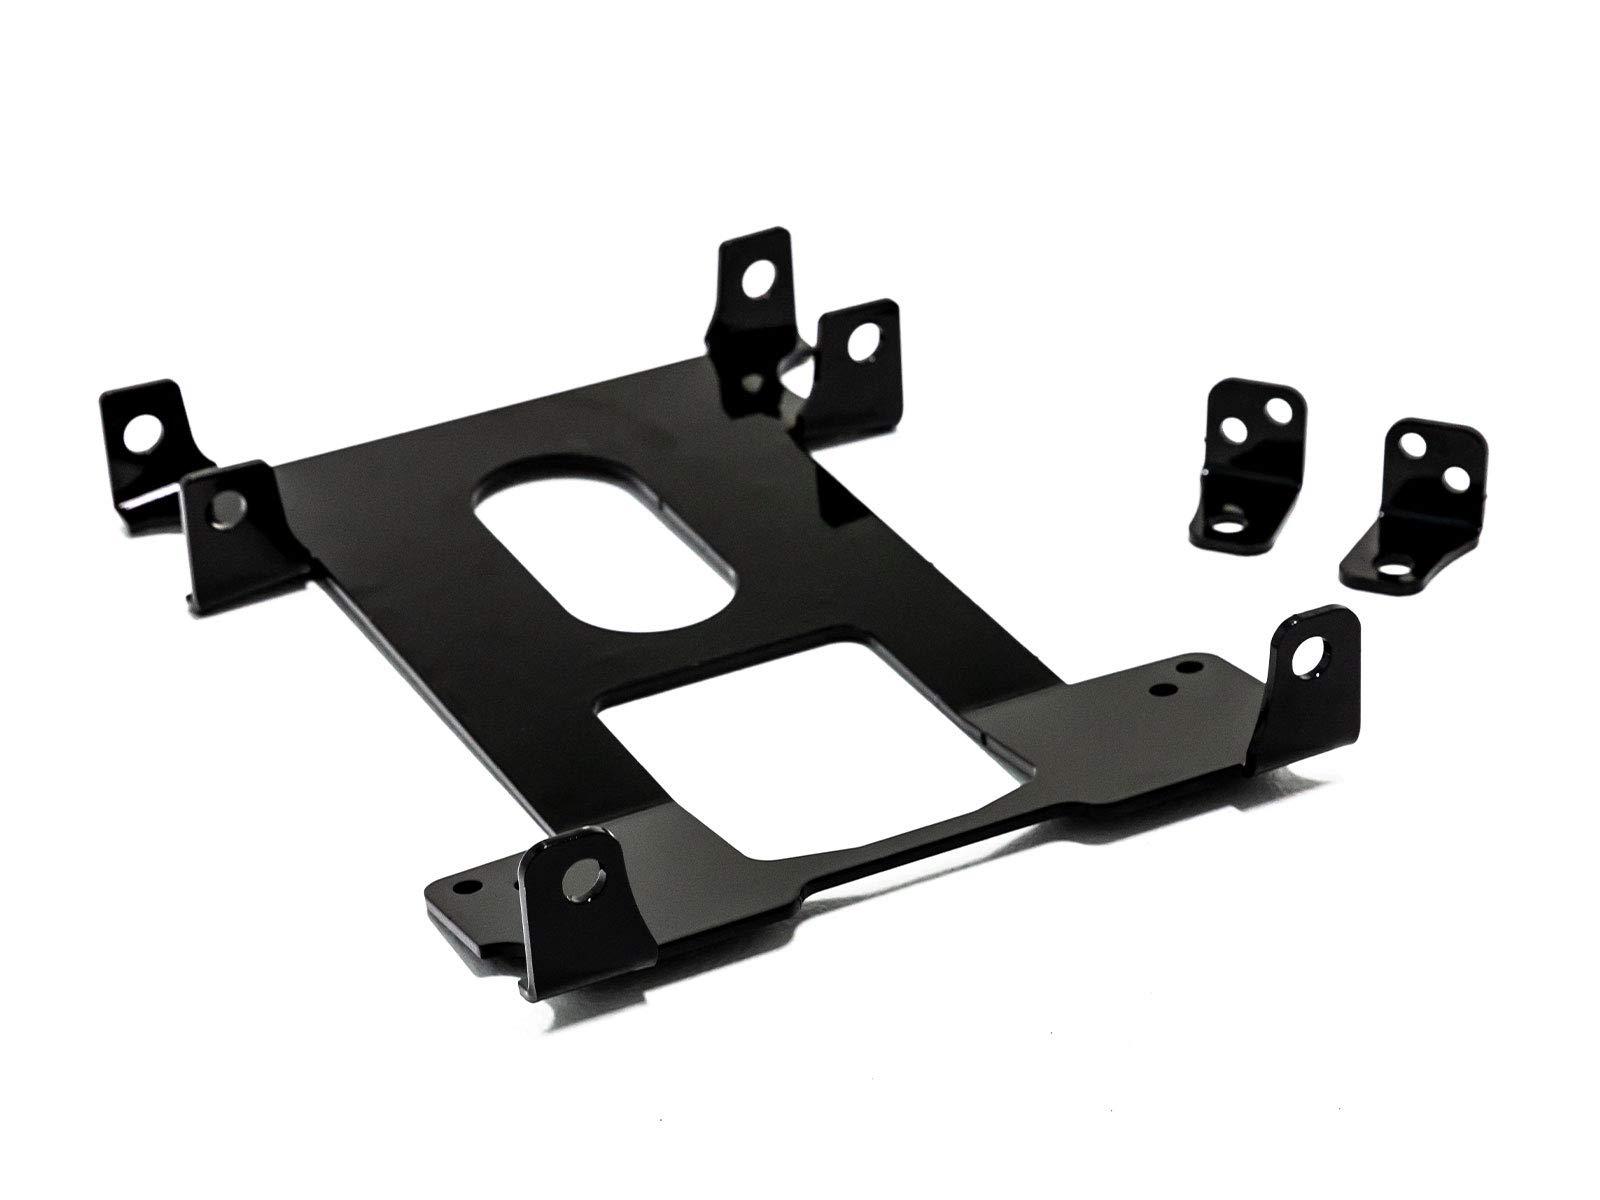 SuperATV Front Suspension Frame Stiffener for Polaris RZR PRO XP / 4 (2020+) - Black